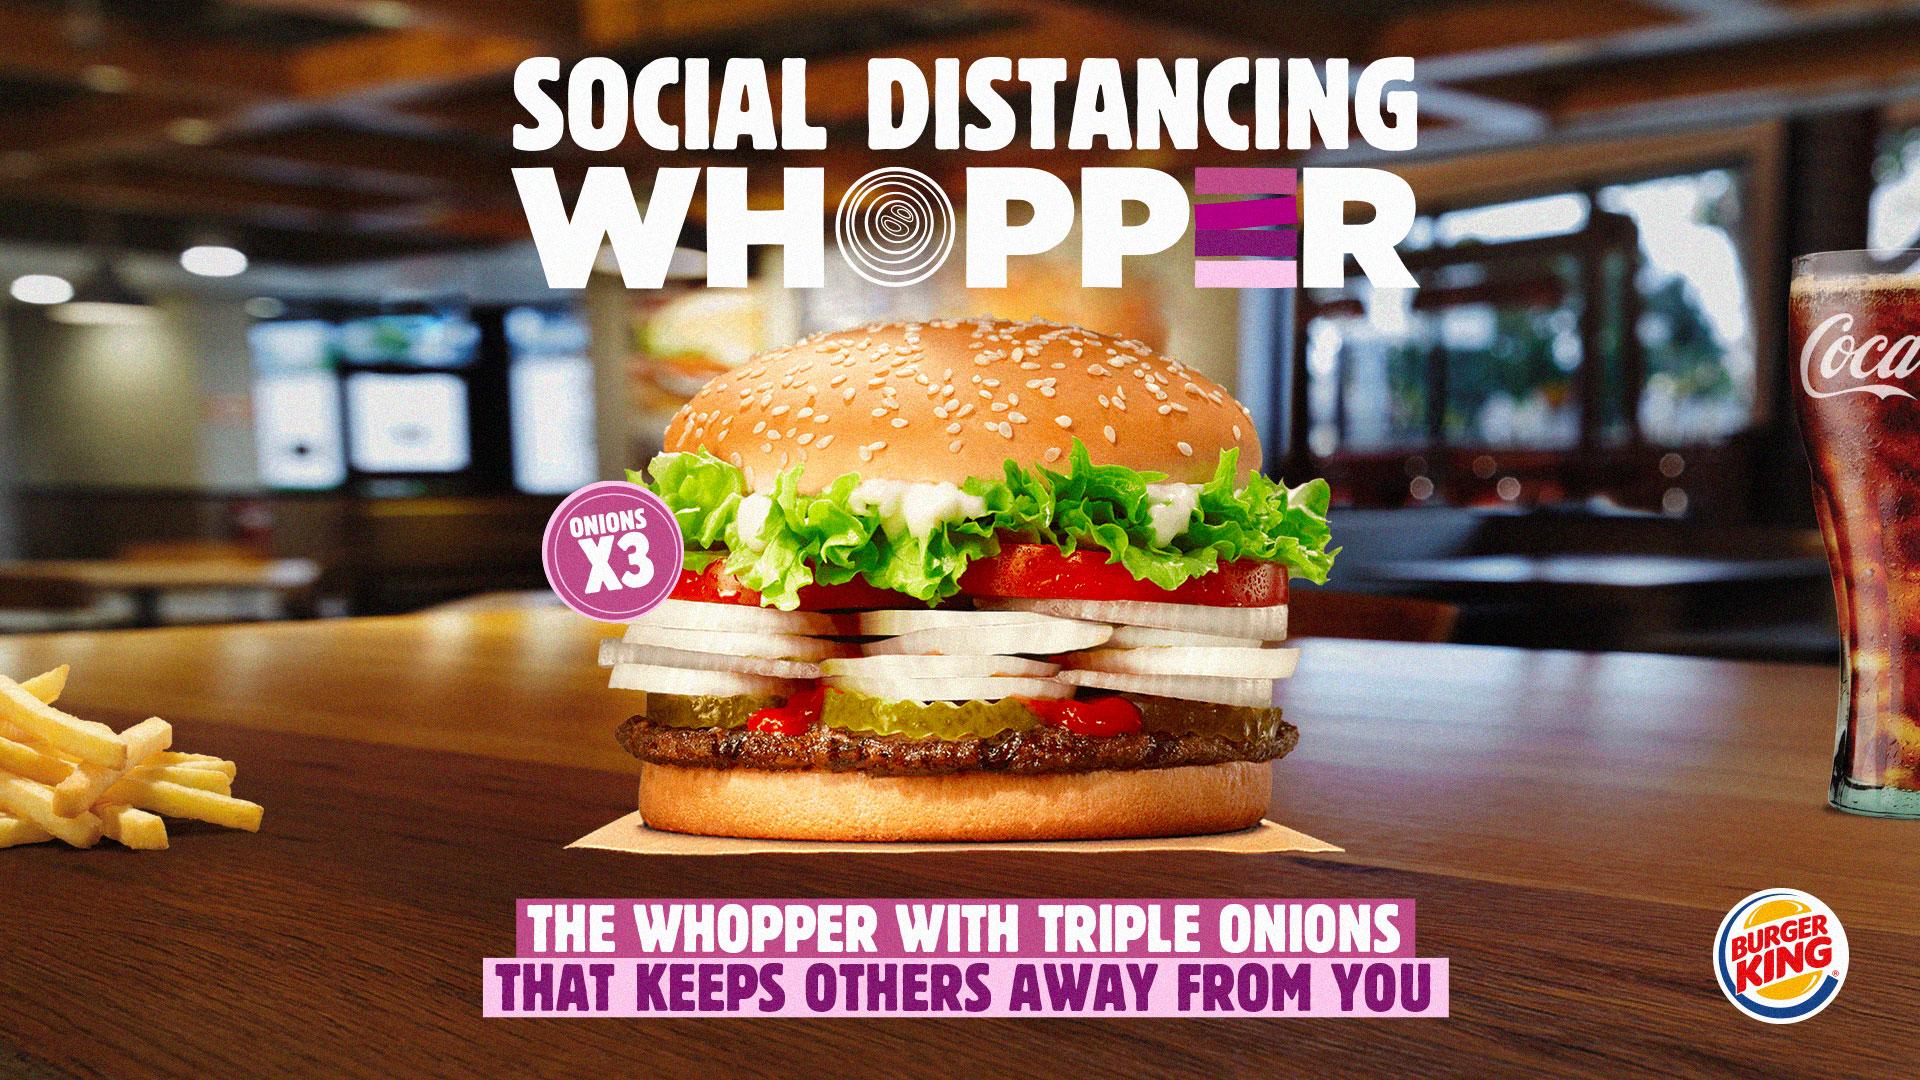 Burger King'den Bol Soğanlı Whopper ile Sosyal Mesafe Çözümü